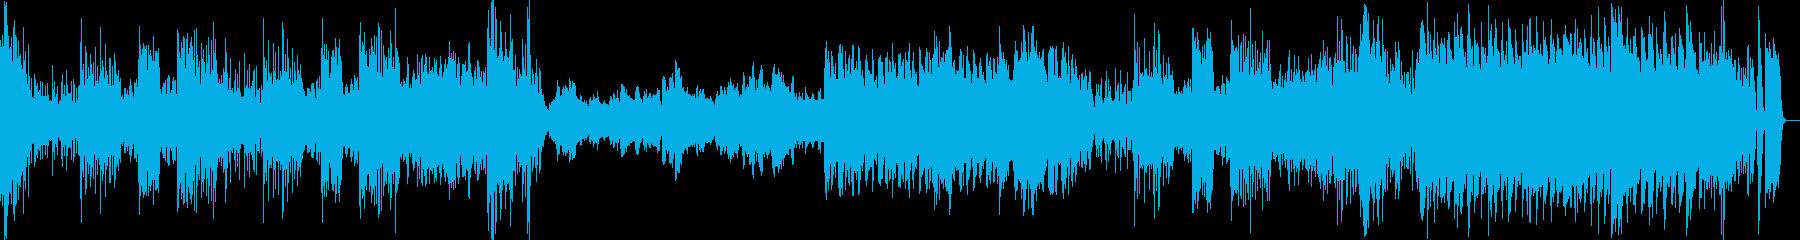 テレビやCMで使われるクラシック音楽の再生済みの波形